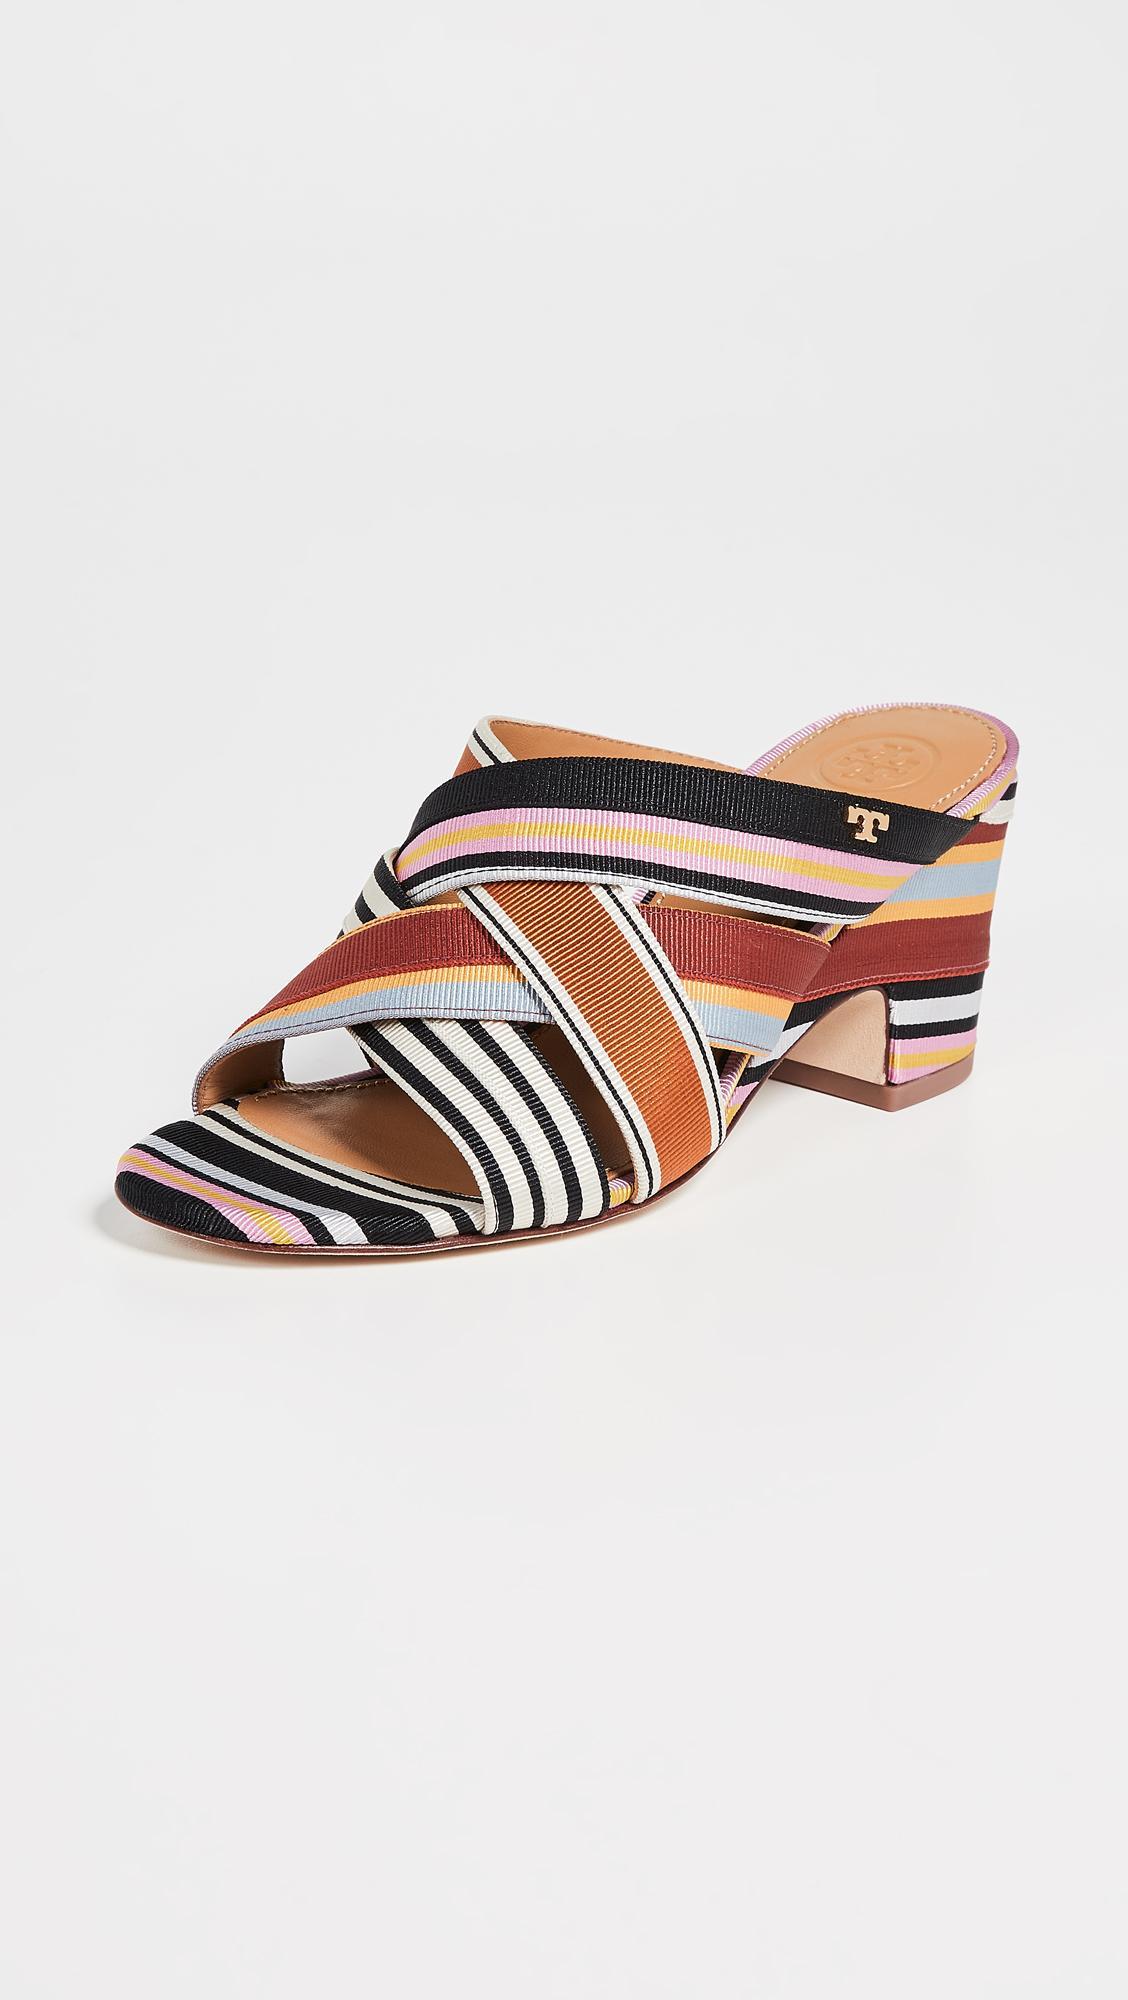 9fecd1539 Tory Burch. Women s Graham 65mm Wedge Sandals